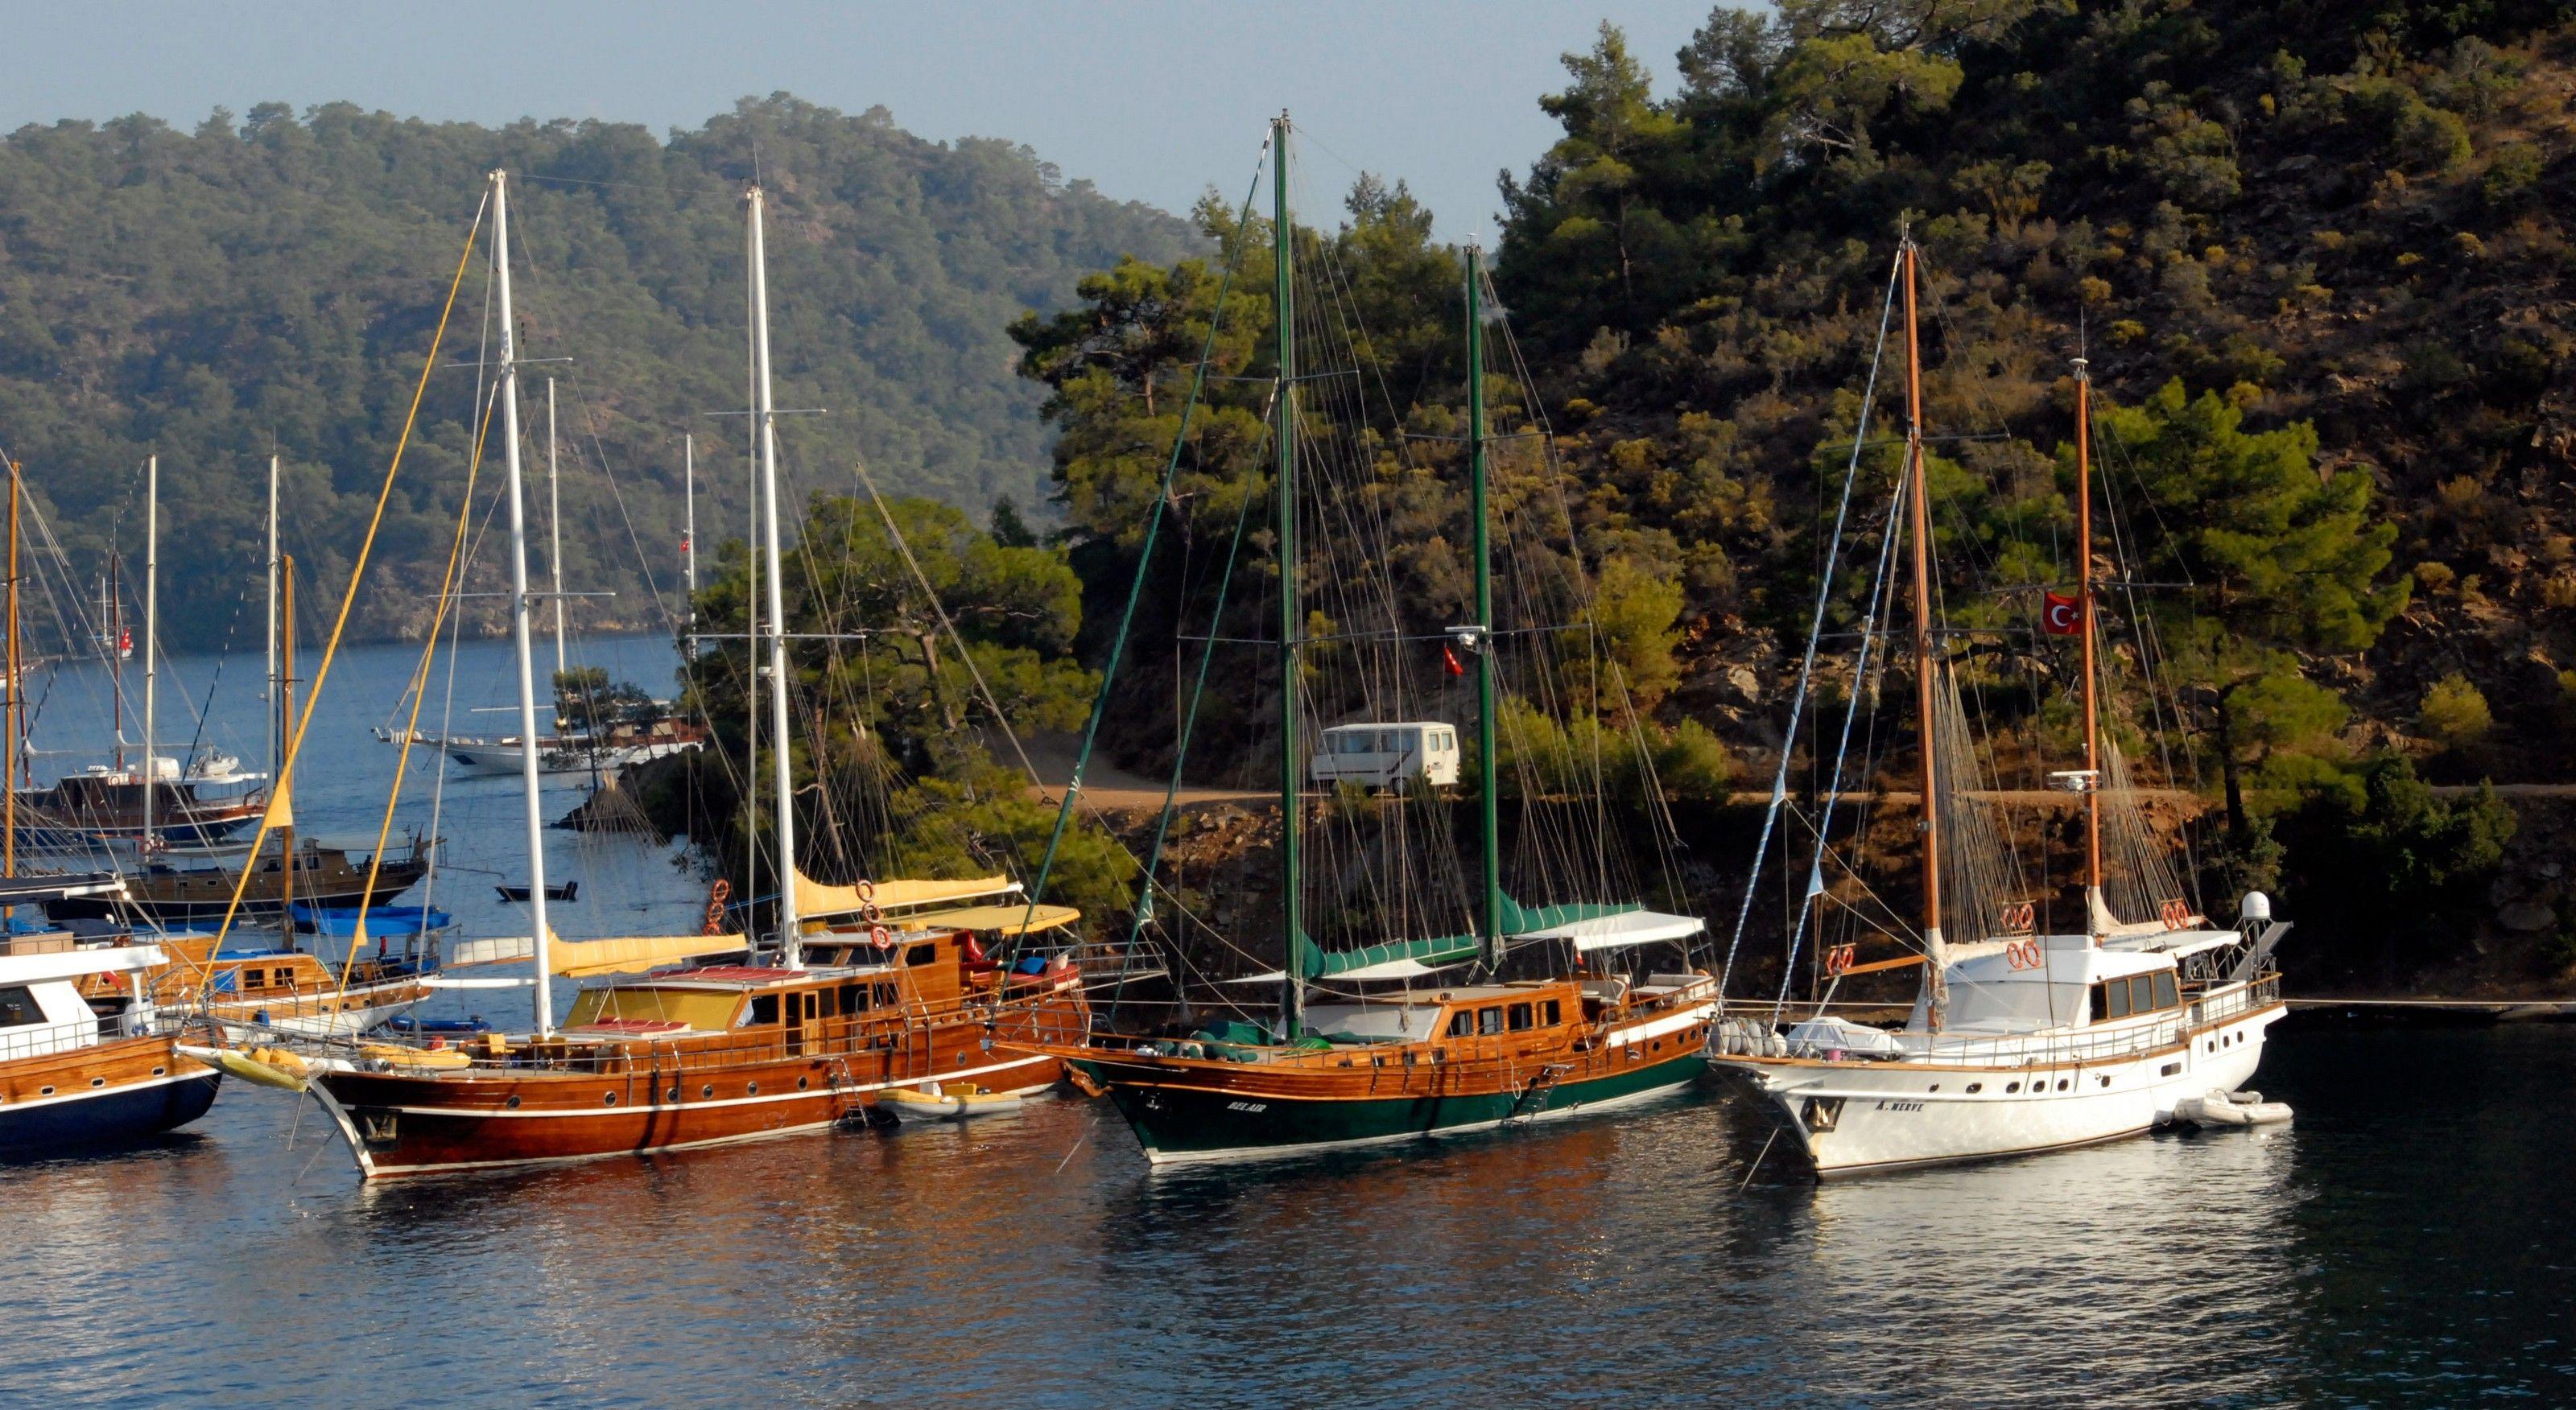 Gulets For Sale in Turkey